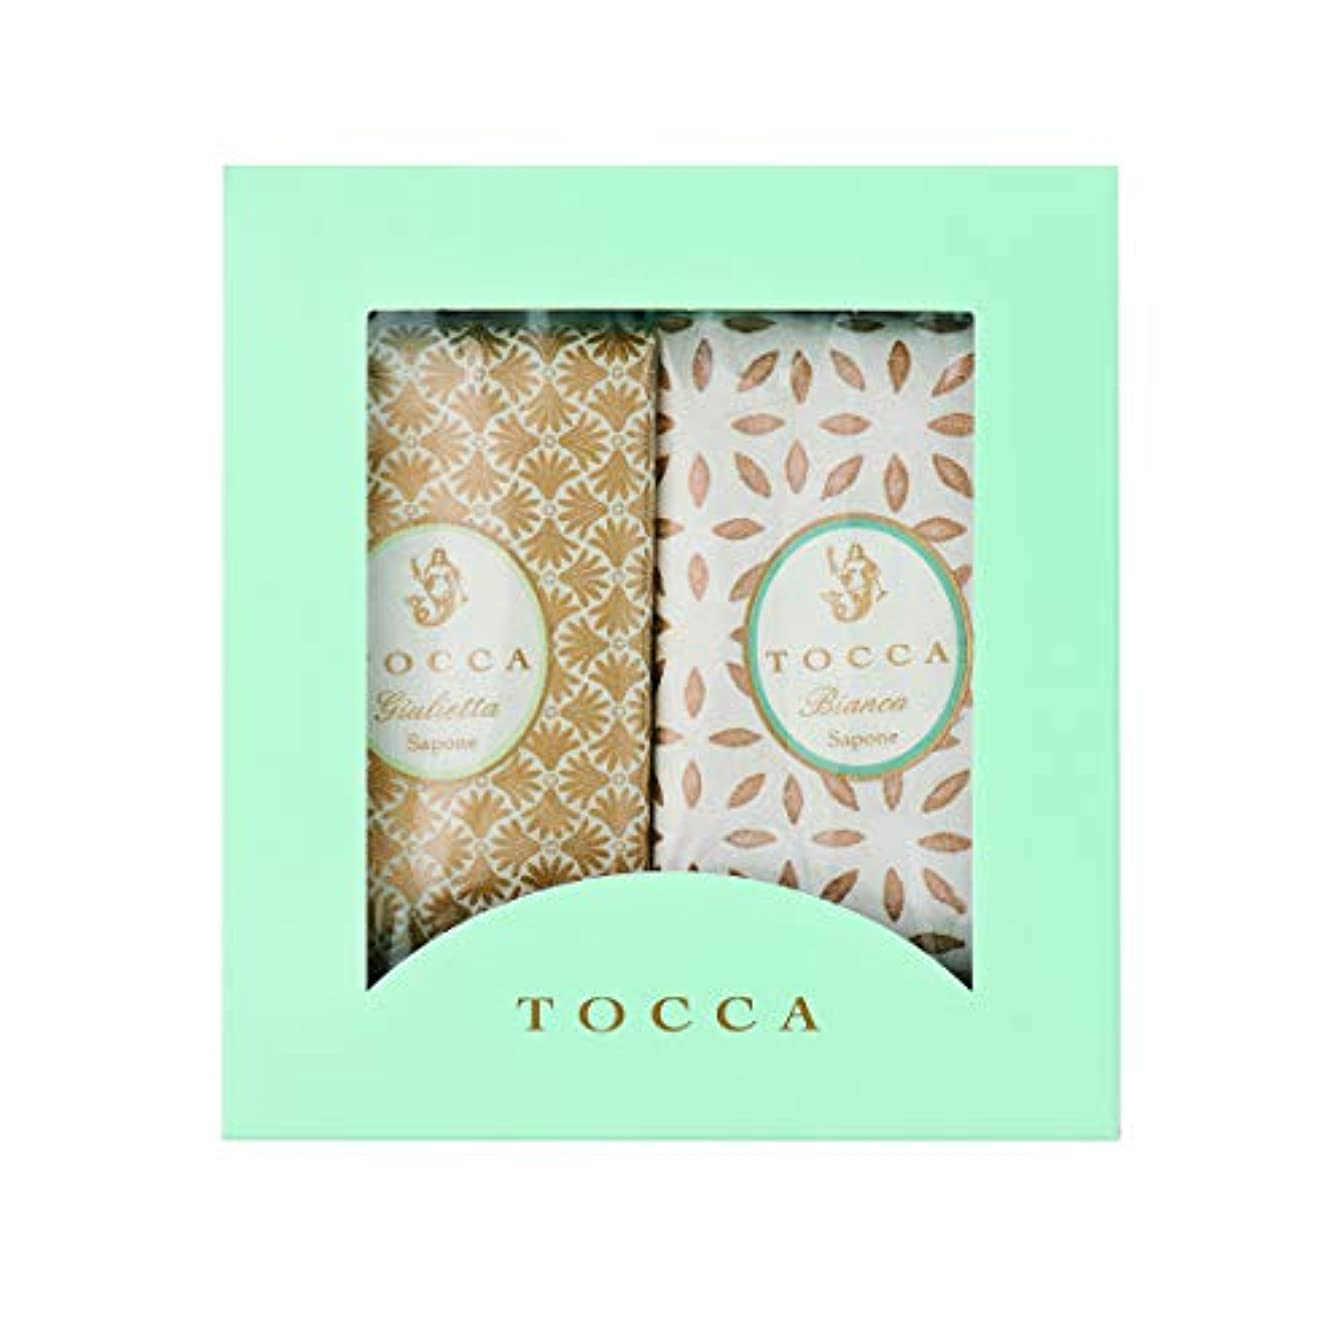 トッカ(TOCCA) ソープバーBOXギフト 113g×2個 (ジュリエッタ & ビアンカ 箱入りギフト)